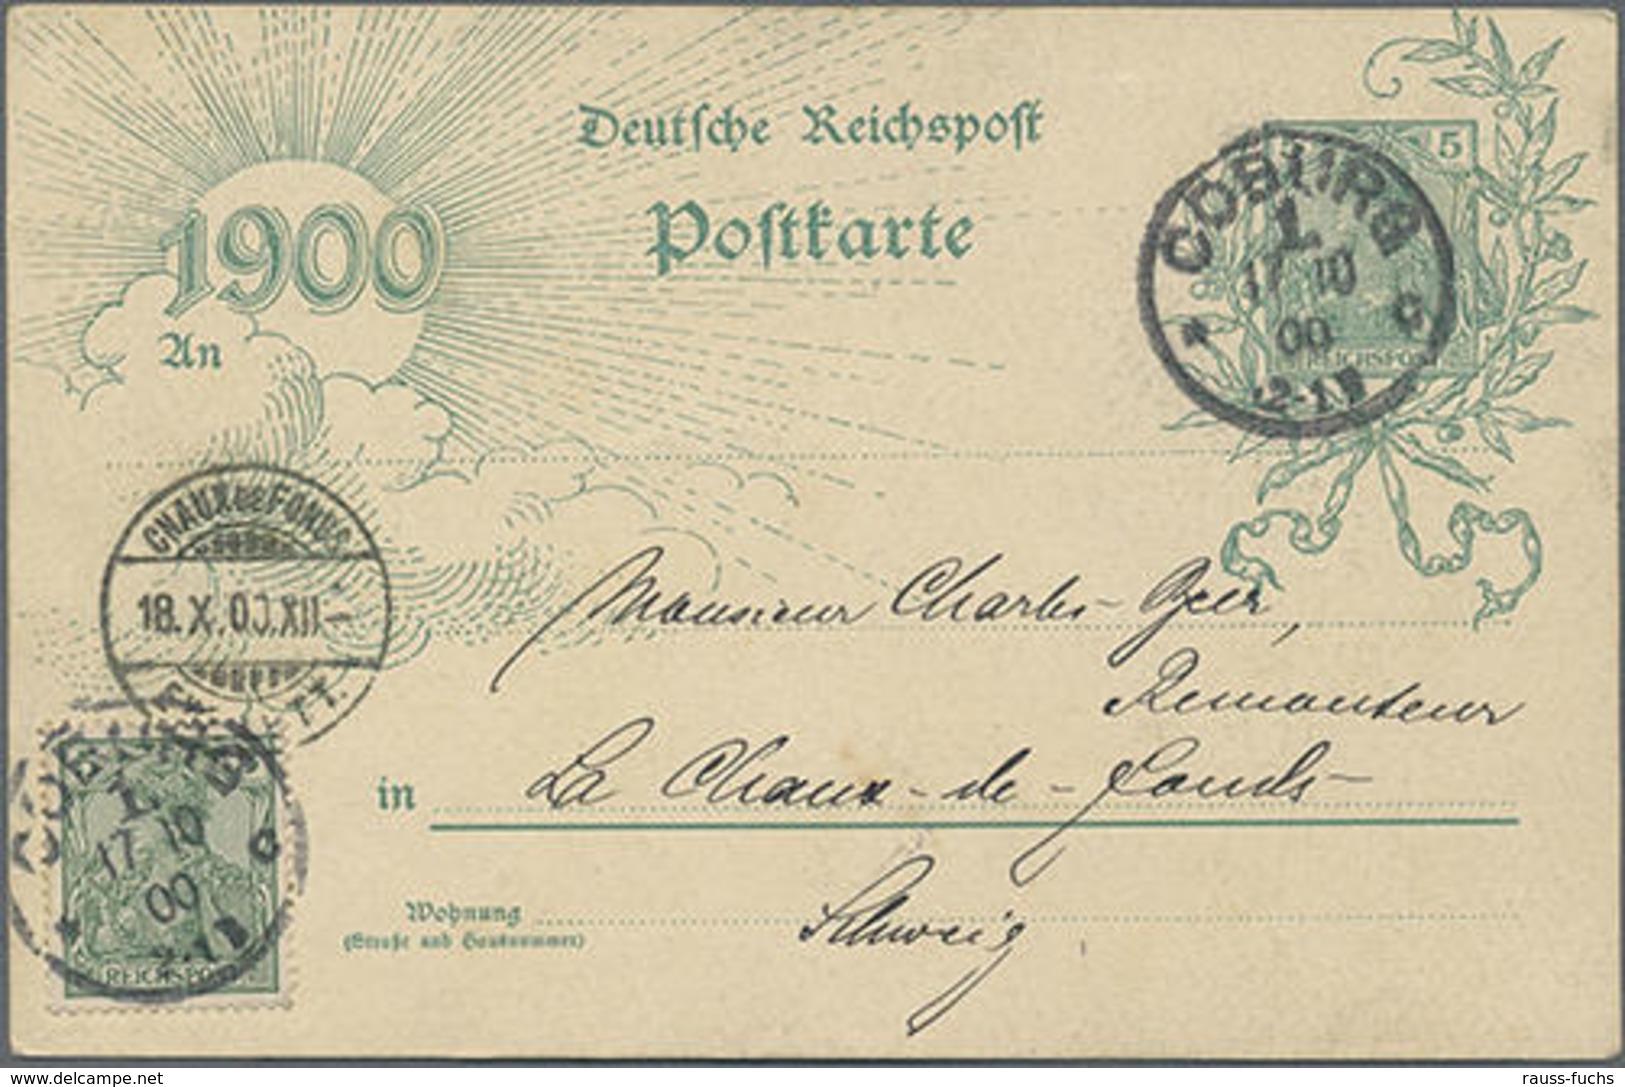 """1900, 5 Pf. Germania Jahrhunderwertstempel Mit Bild Coburg Veste Von Der Ostseite"""" Mit 5 Pf. Germania Als ZuF Von Coburg - Duitsland"""